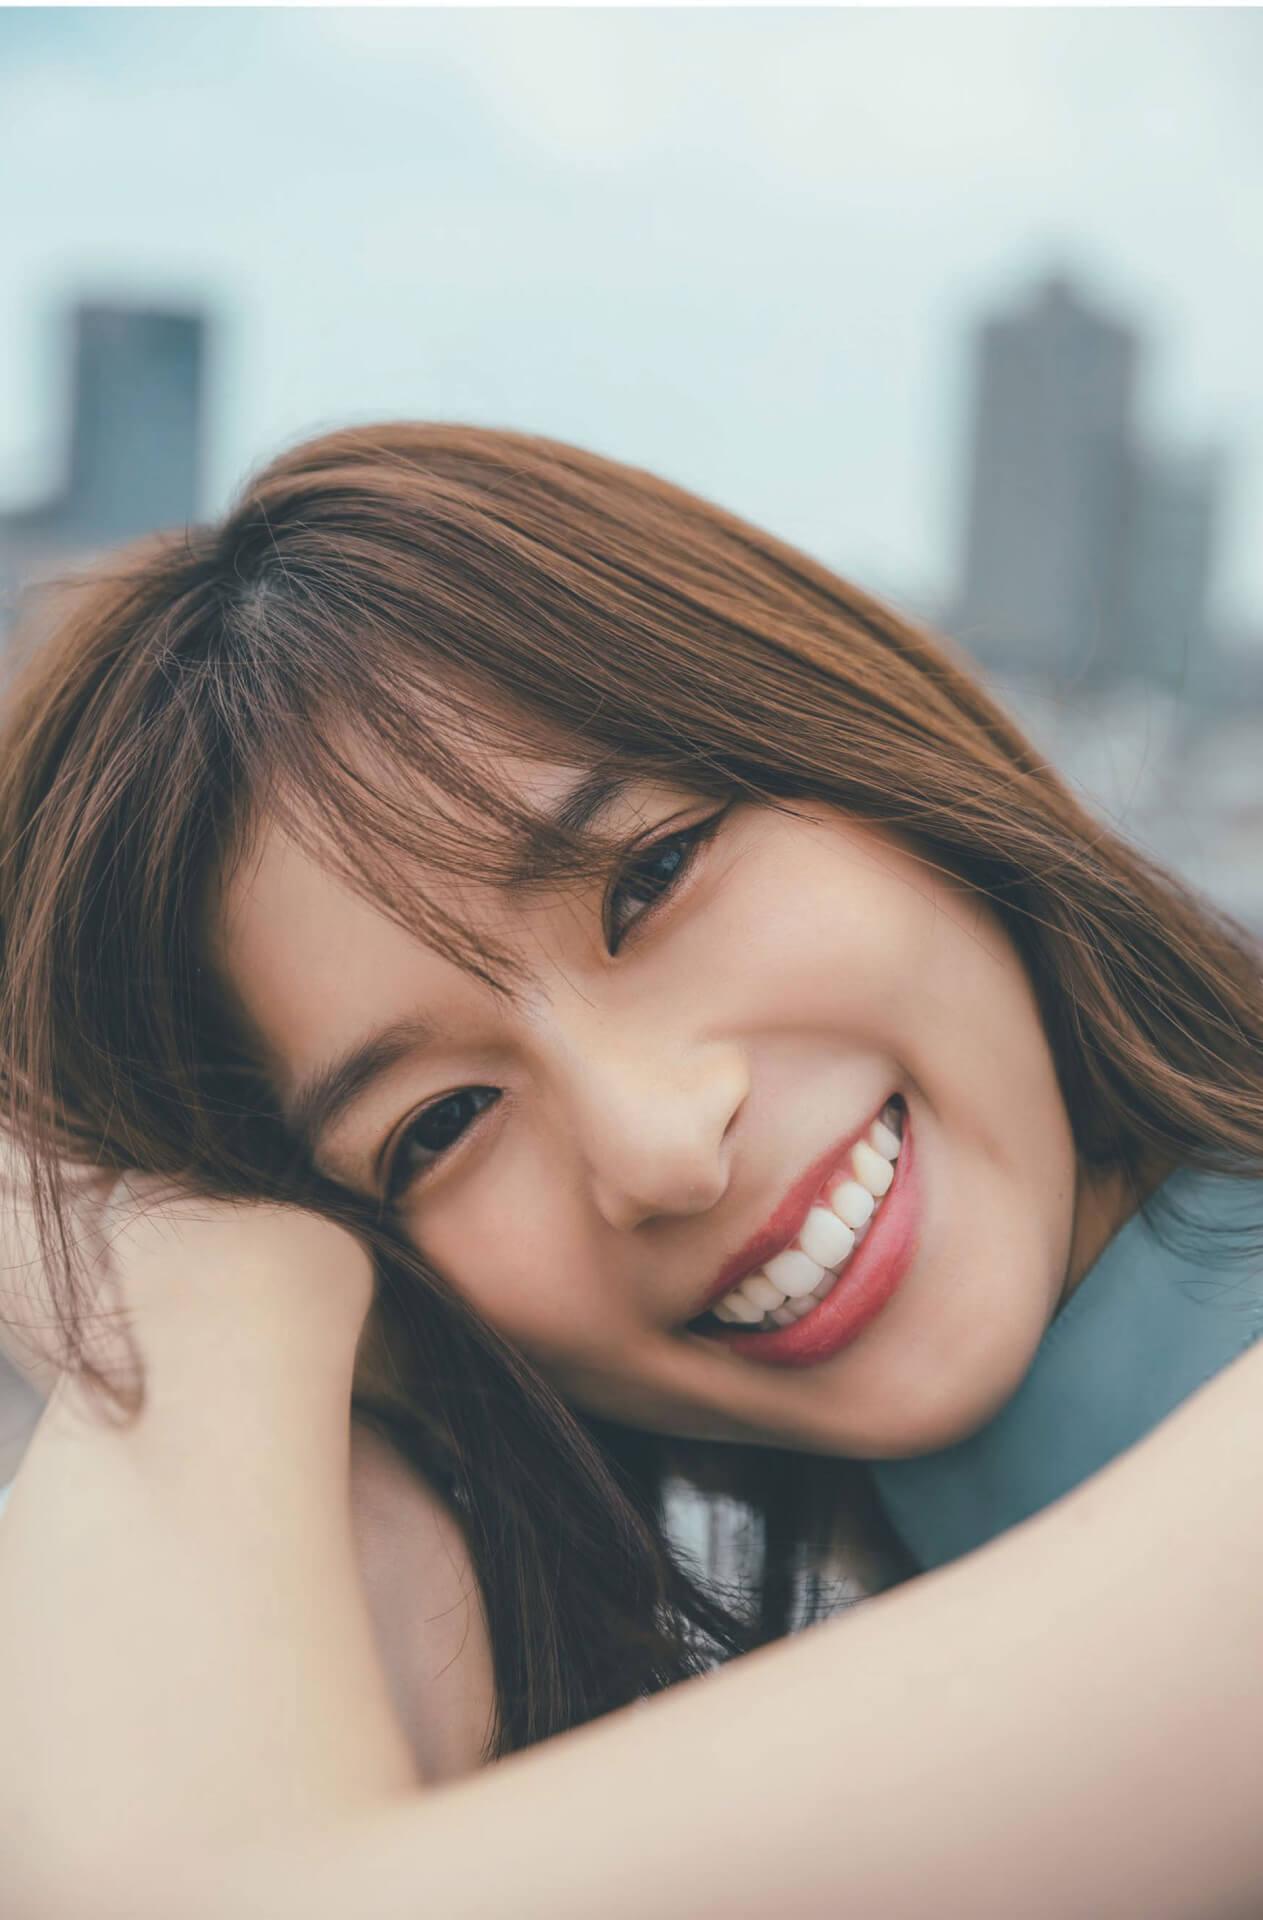 笑顔輝く芳根京子の魅力が止まらない!『FLASH』表紙&巻頭グラビア10Pに登場 art210706_flash_1